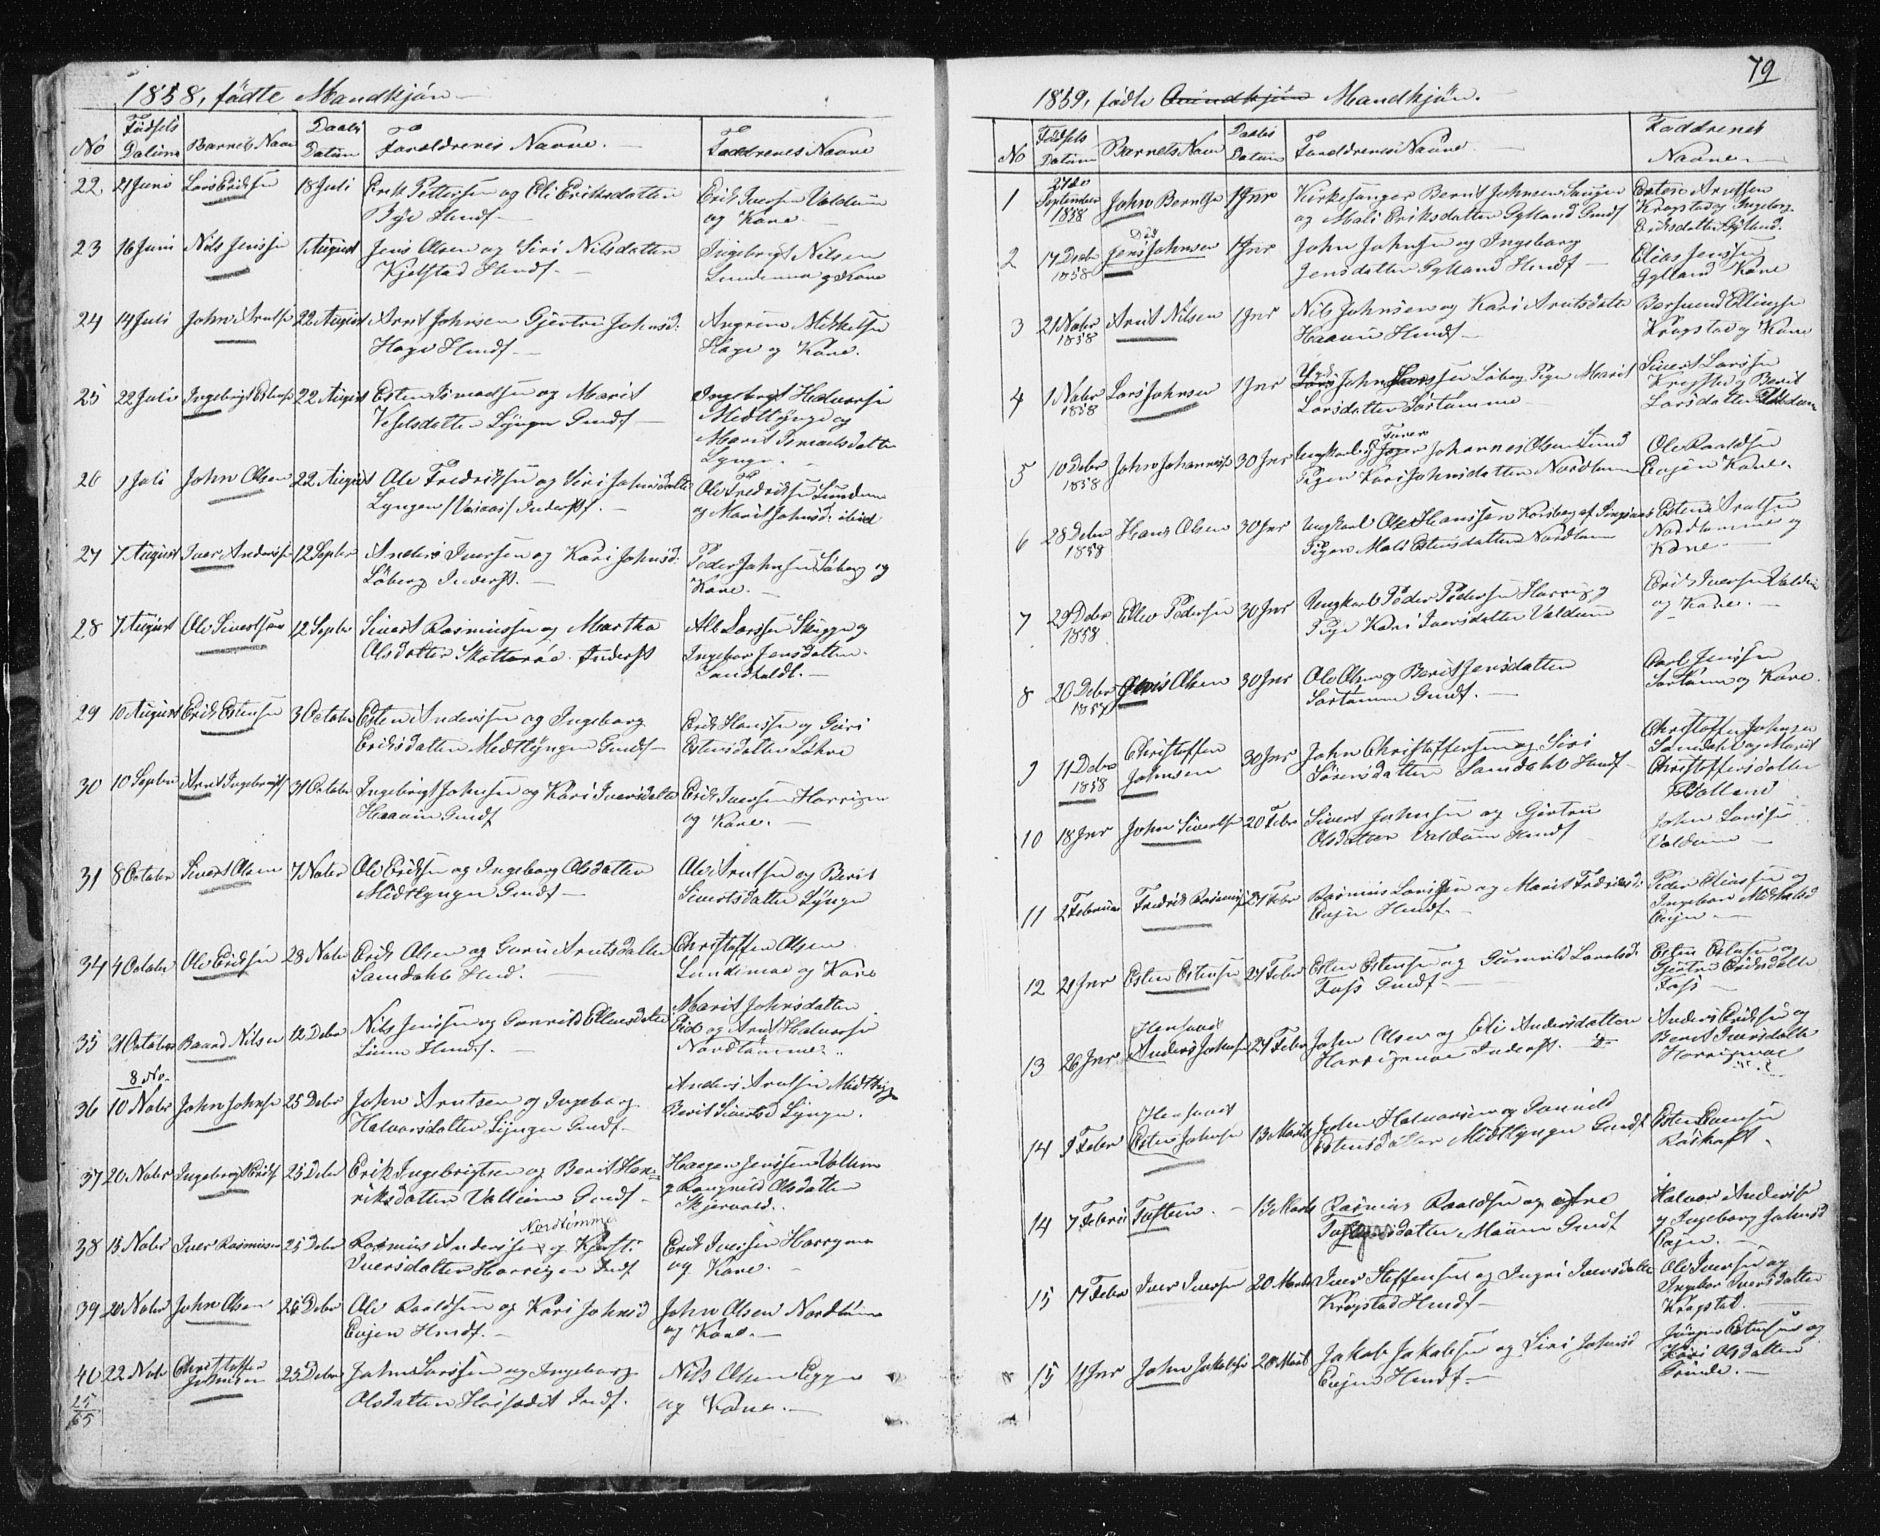 SAT, Ministerialprotokoller, klokkerbøker og fødselsregistre - Sør-Trøndelag, 692/L1110: Klokkerbok nr. 692C05, 1849-1889, s. 79